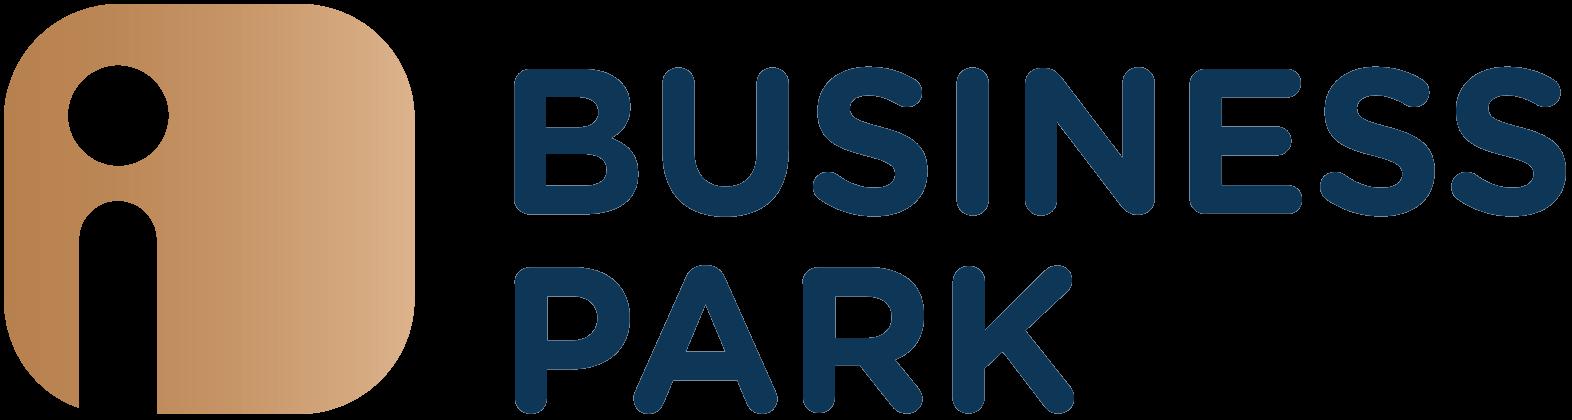 i business park